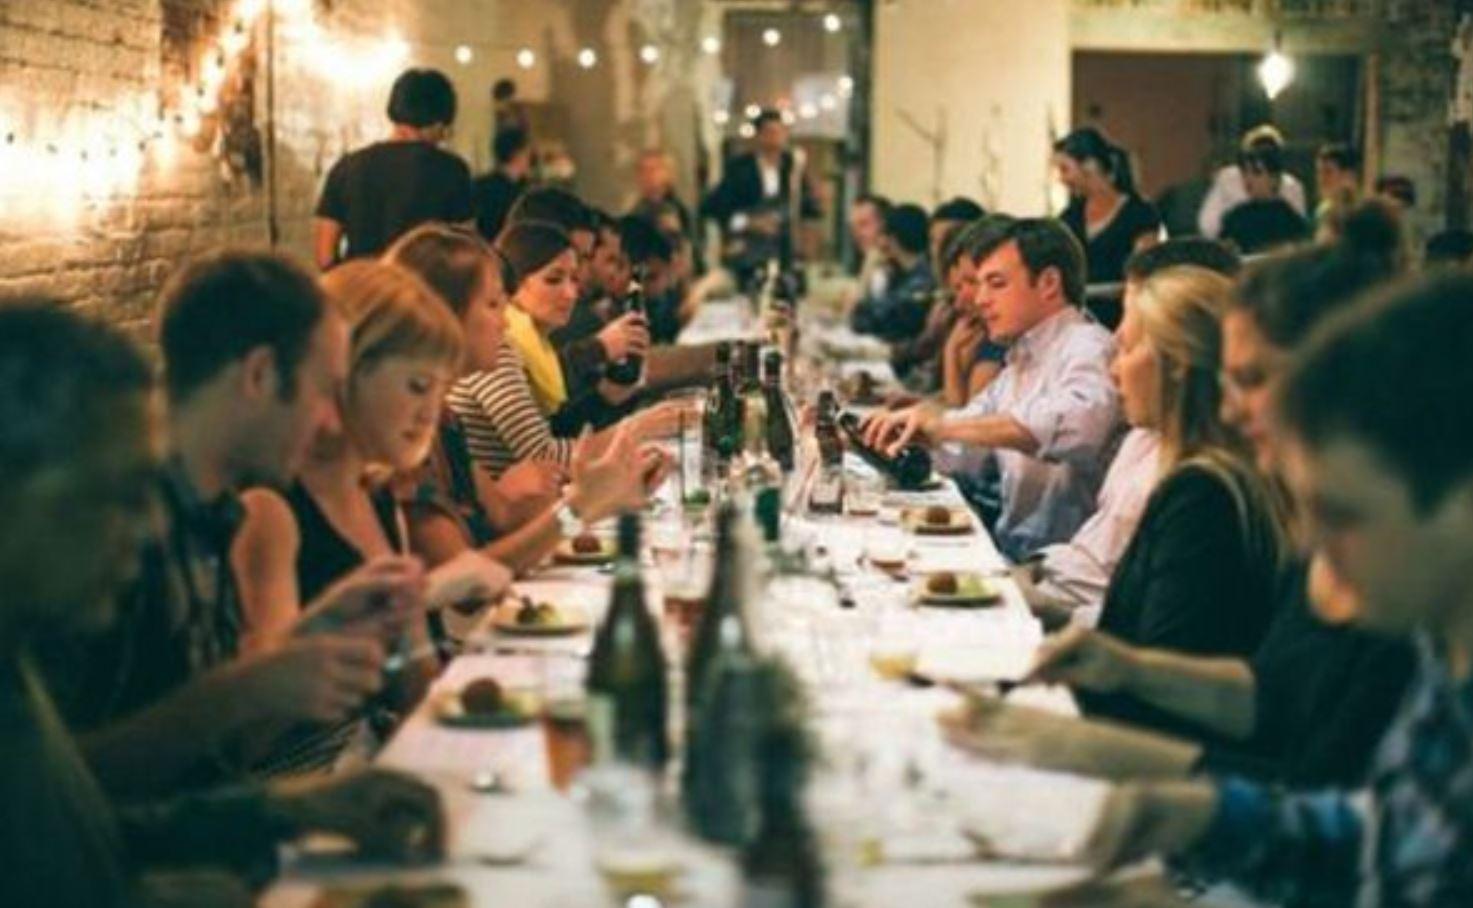 group meal.JPG